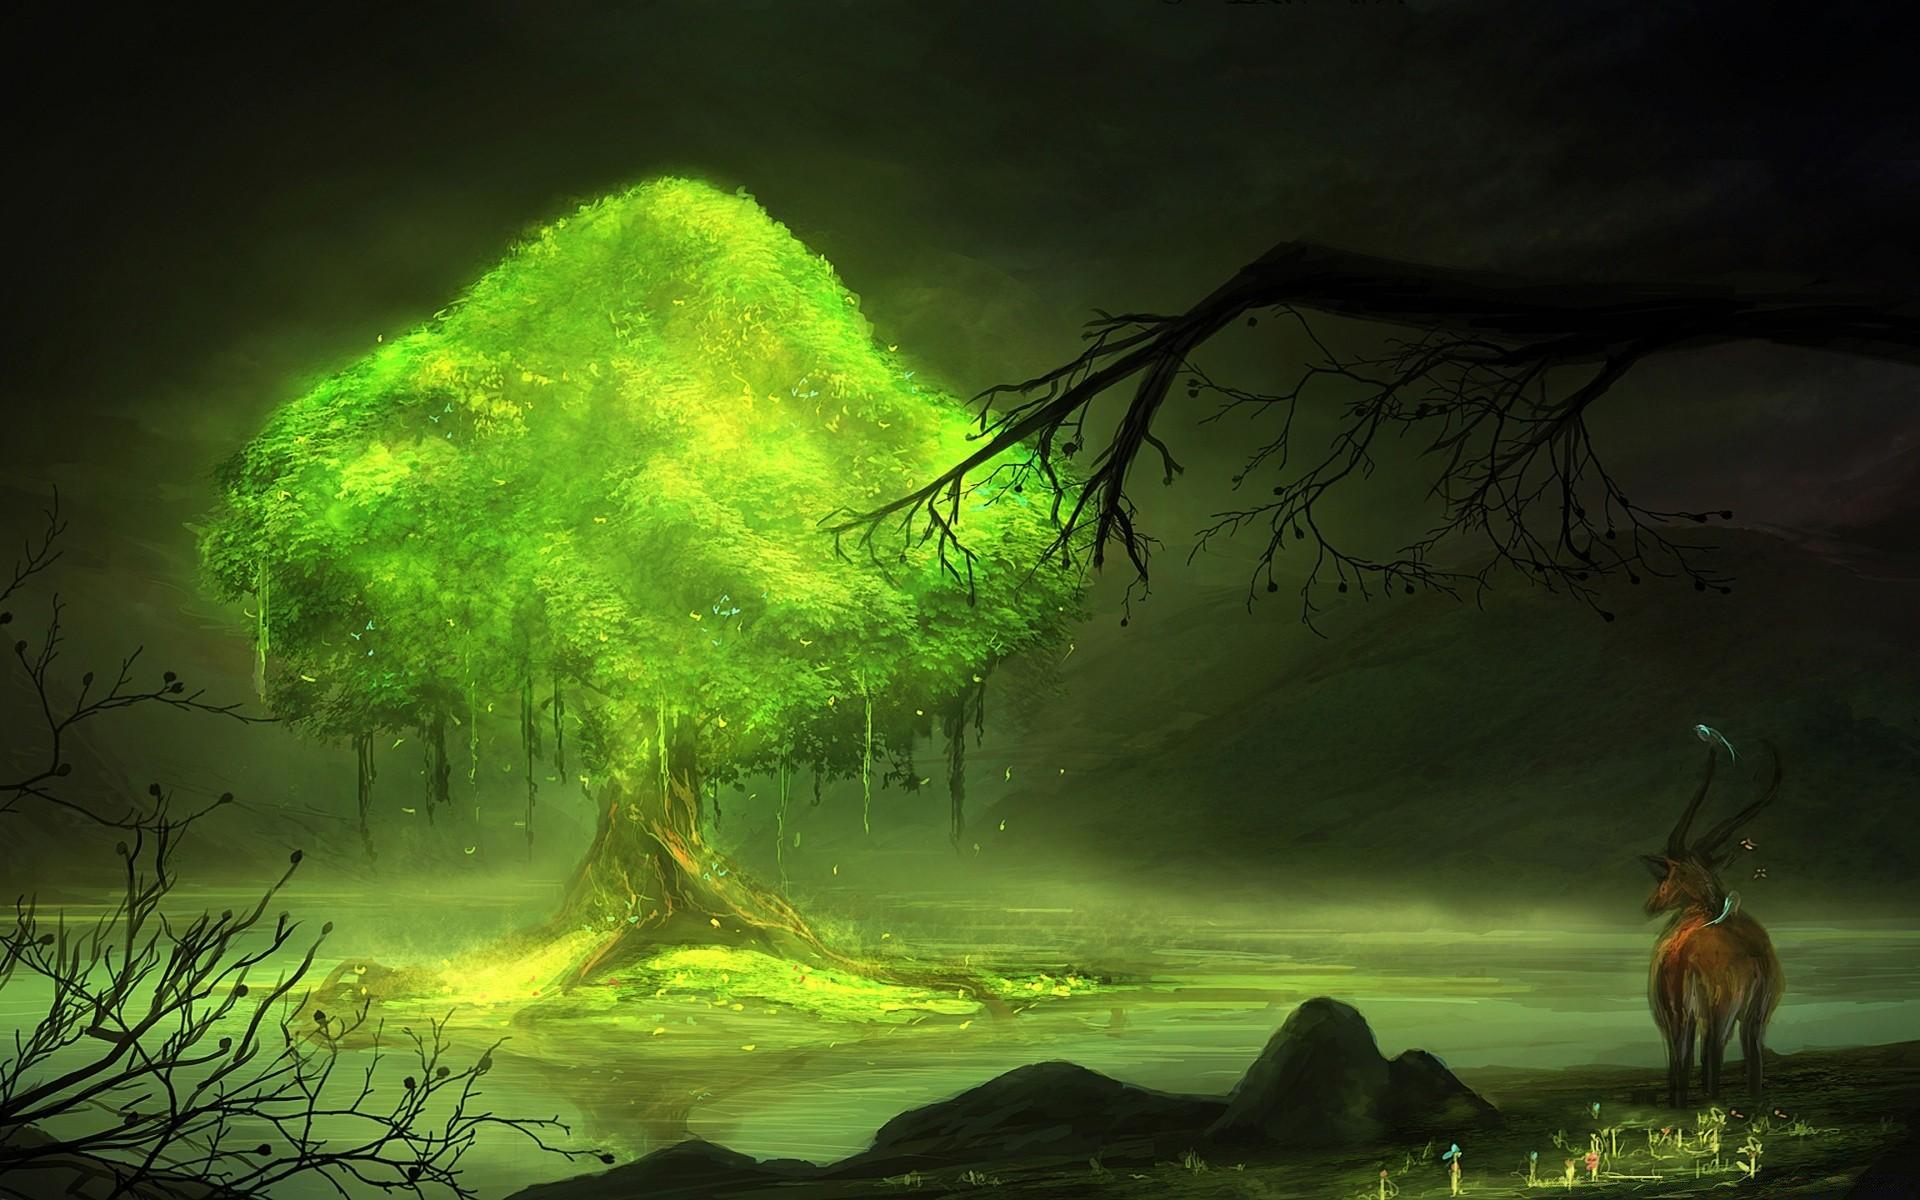 Картинки сказочные деревья на рабочий стол